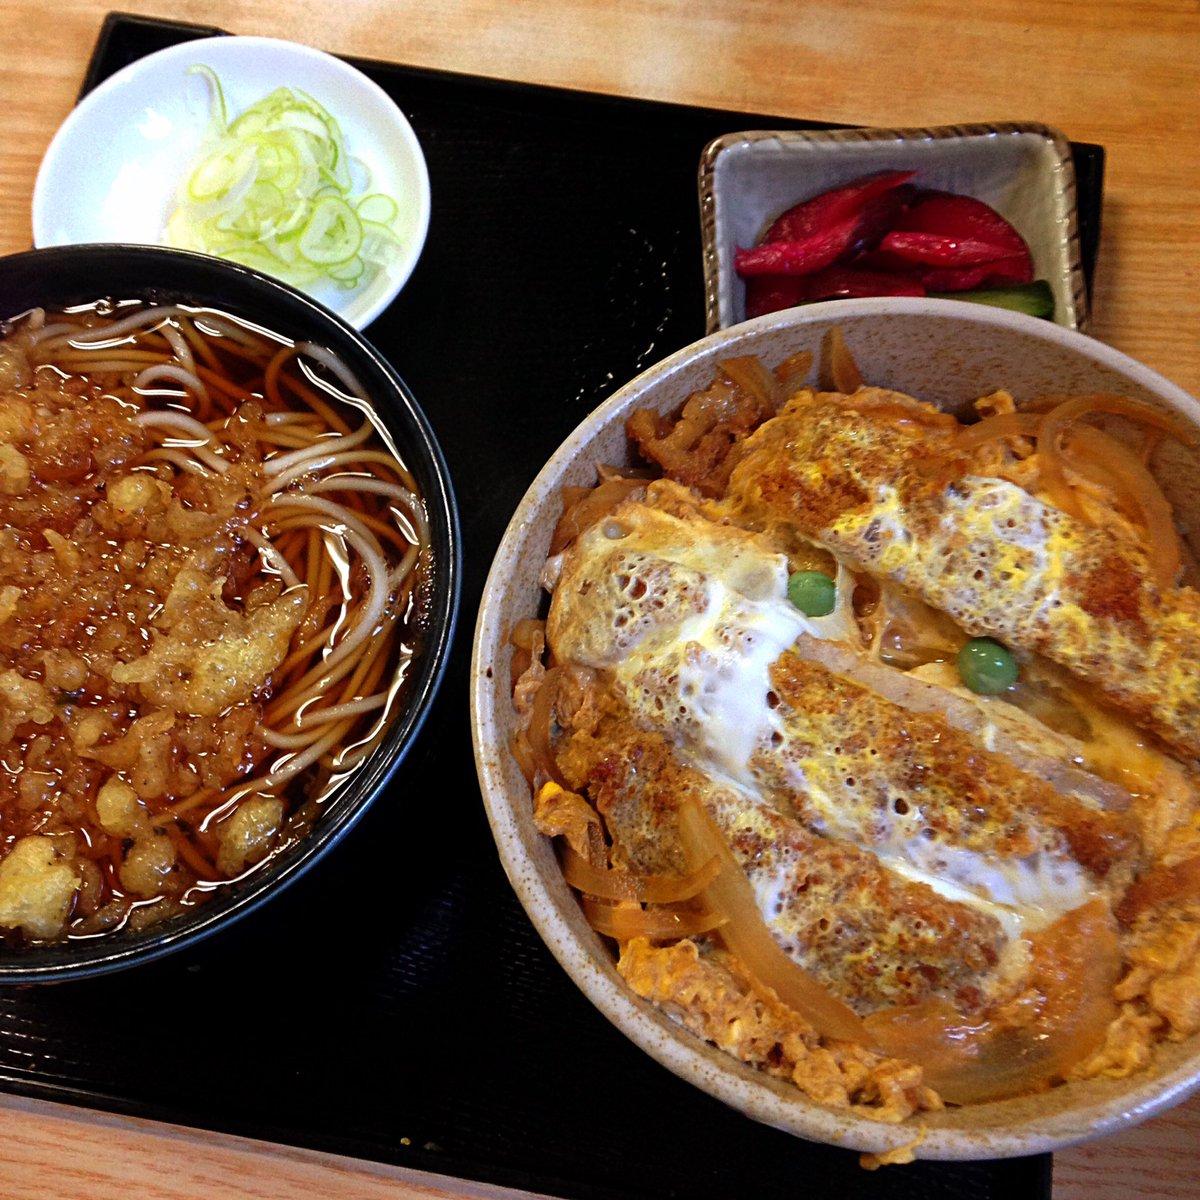 #蕎麦屋のカツ丼 hashtag on Twitter